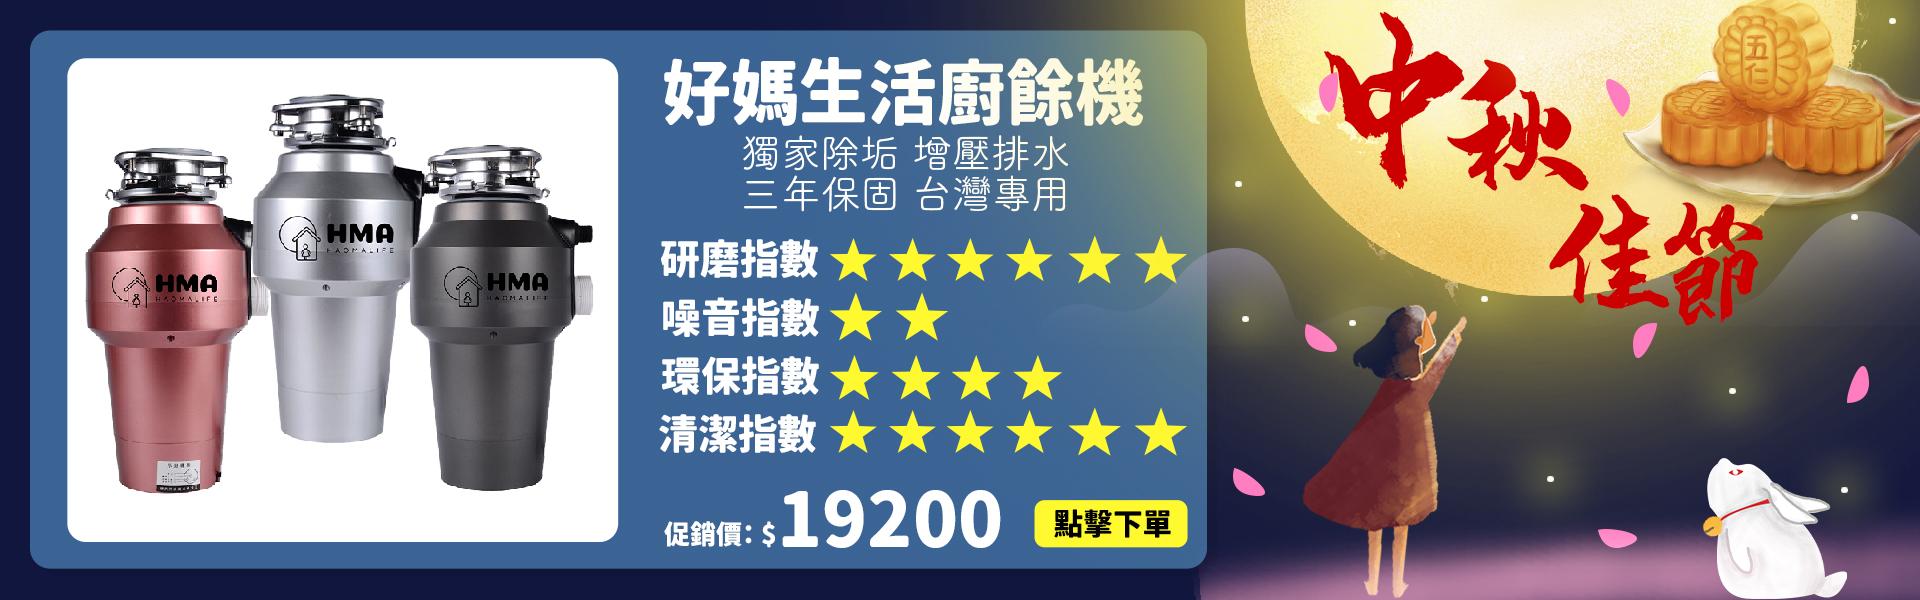 中秋節banner(1)